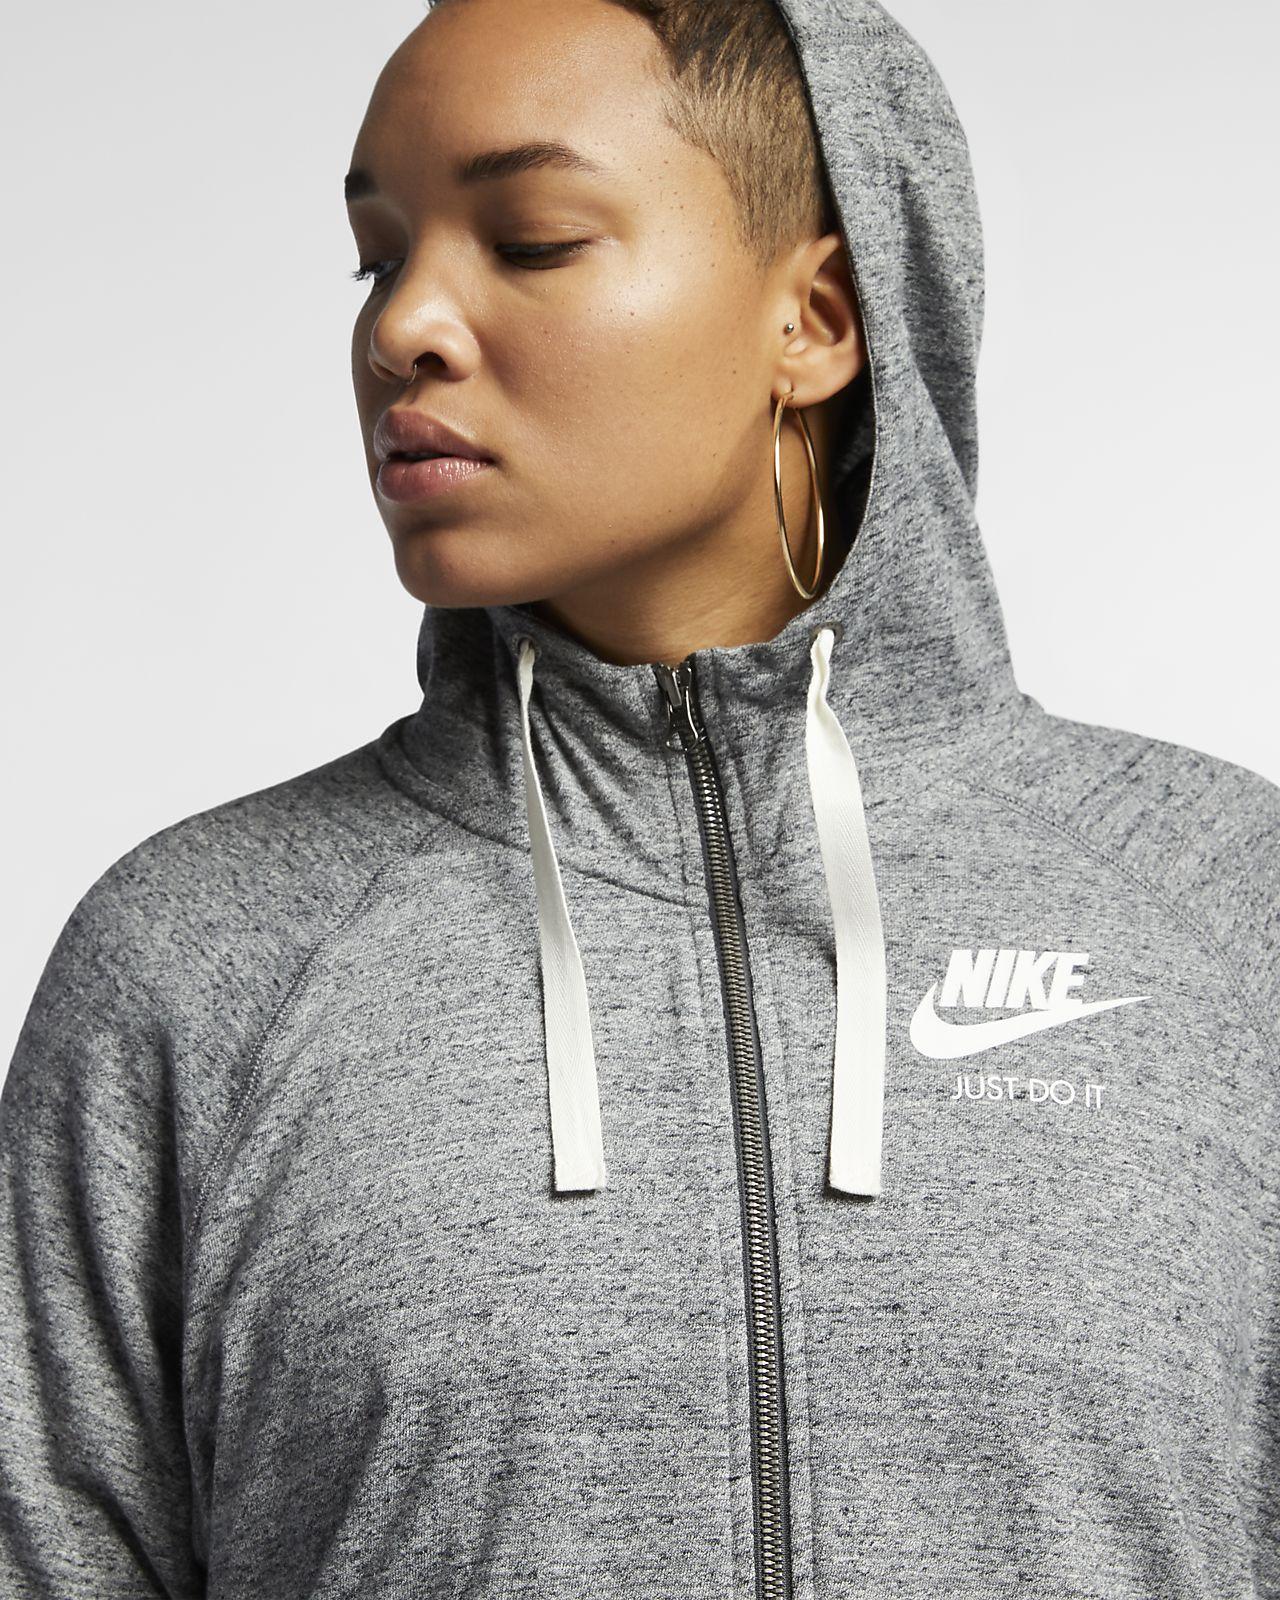 Achat à bas prix Nike Sweat shirt de sport style vintage